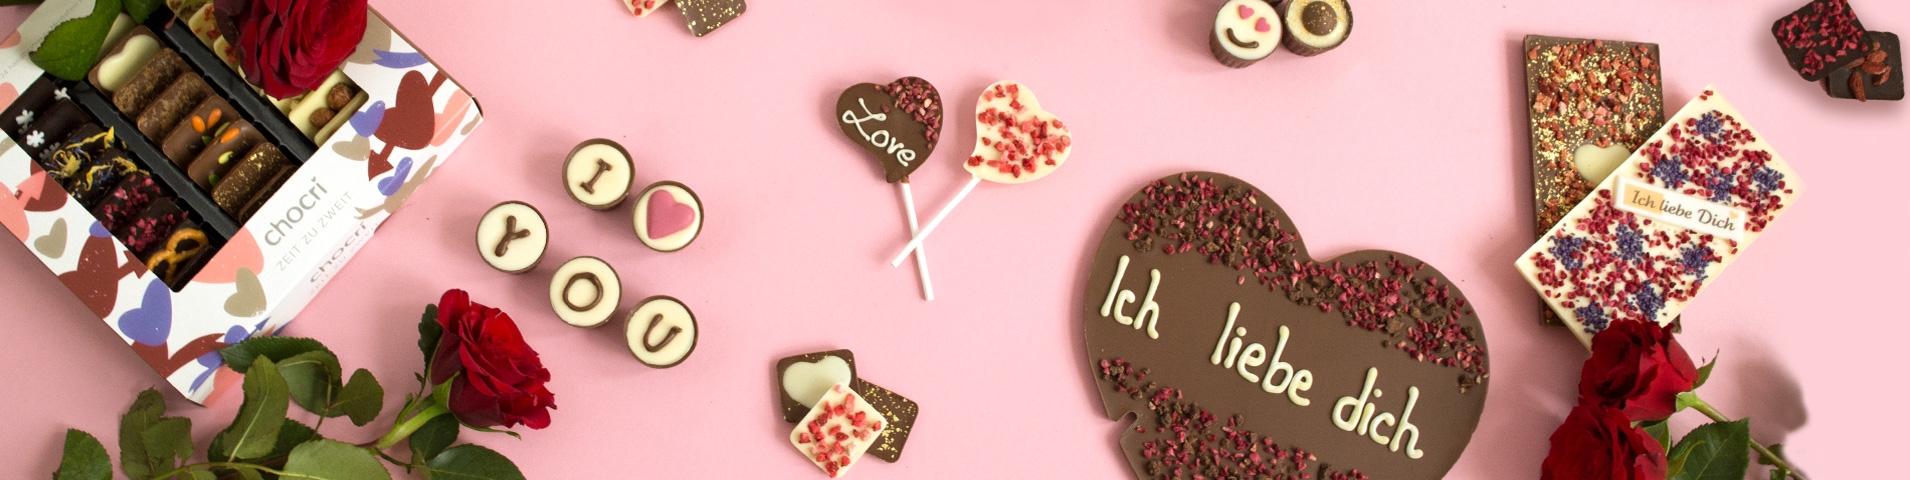 Schokolade Und Pralinen Zum Valentinstag Von Chocri